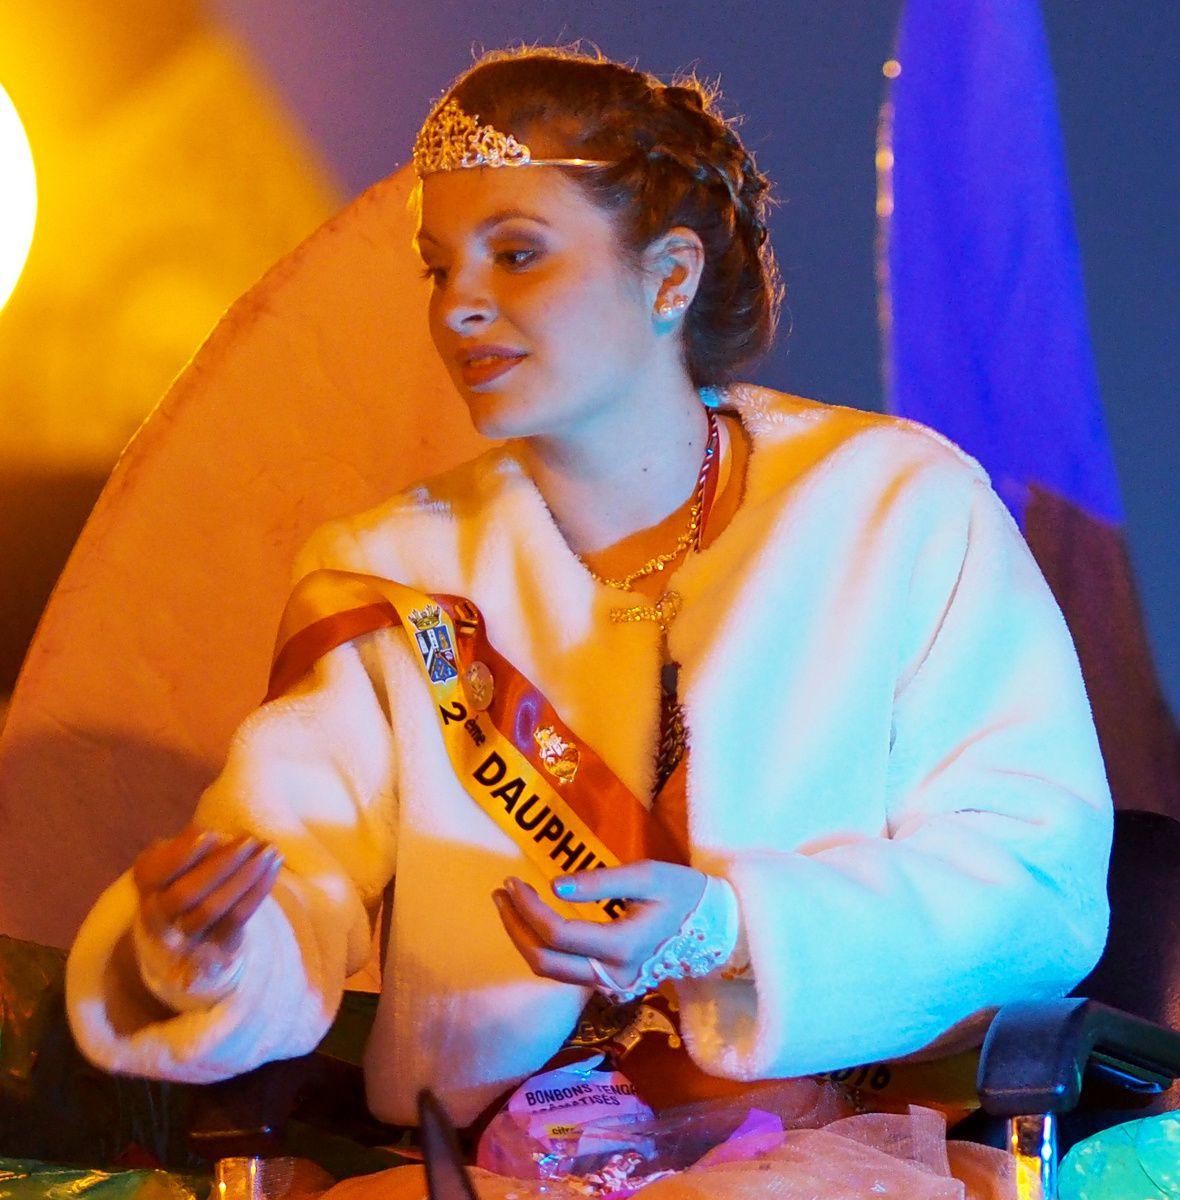 Carnaval, troisième partie : les reines